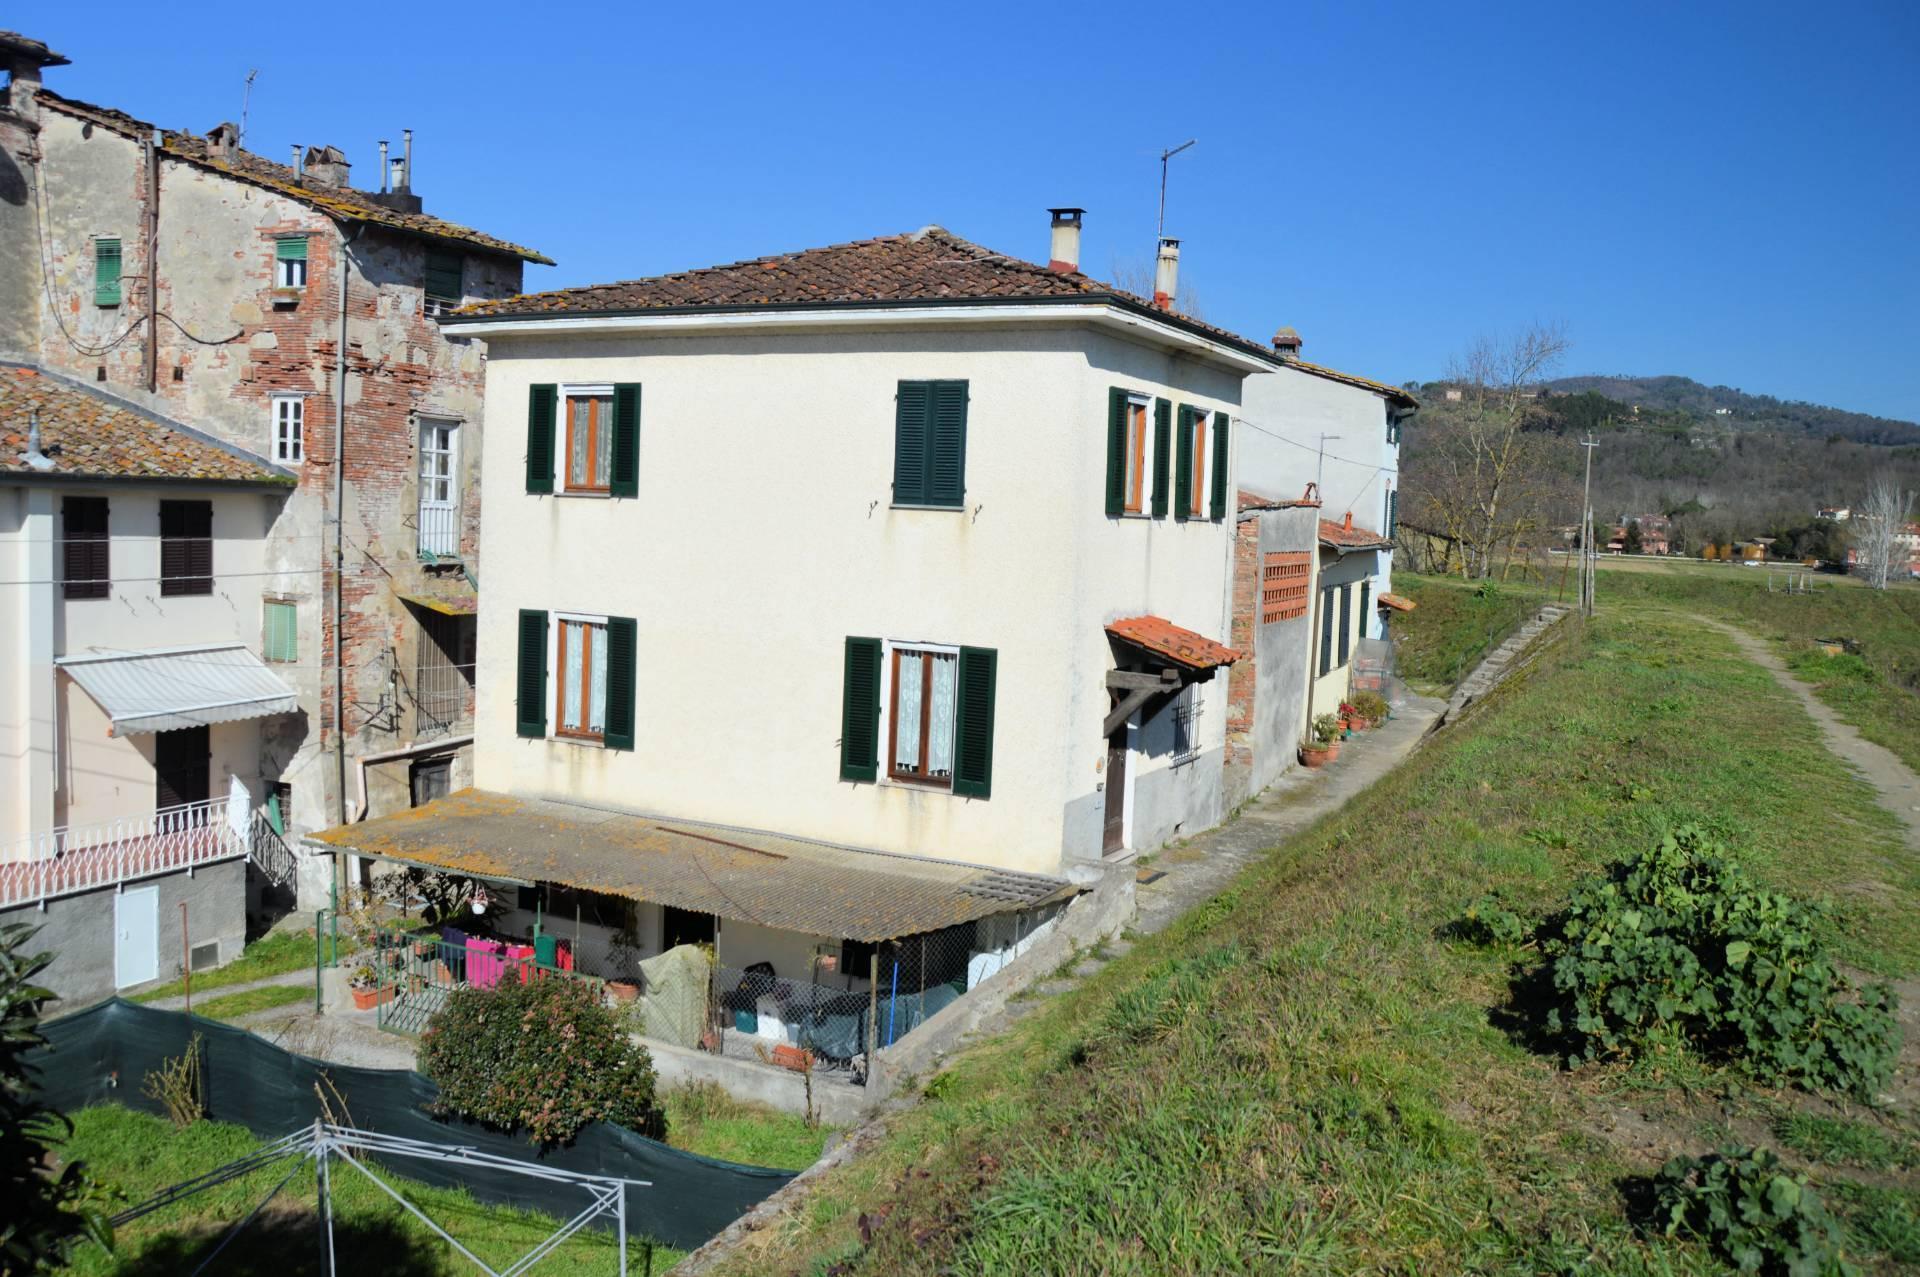 1136-Terratetto libero su quattro lati-Lucca-1 Agenzia Immobiliare ASIP